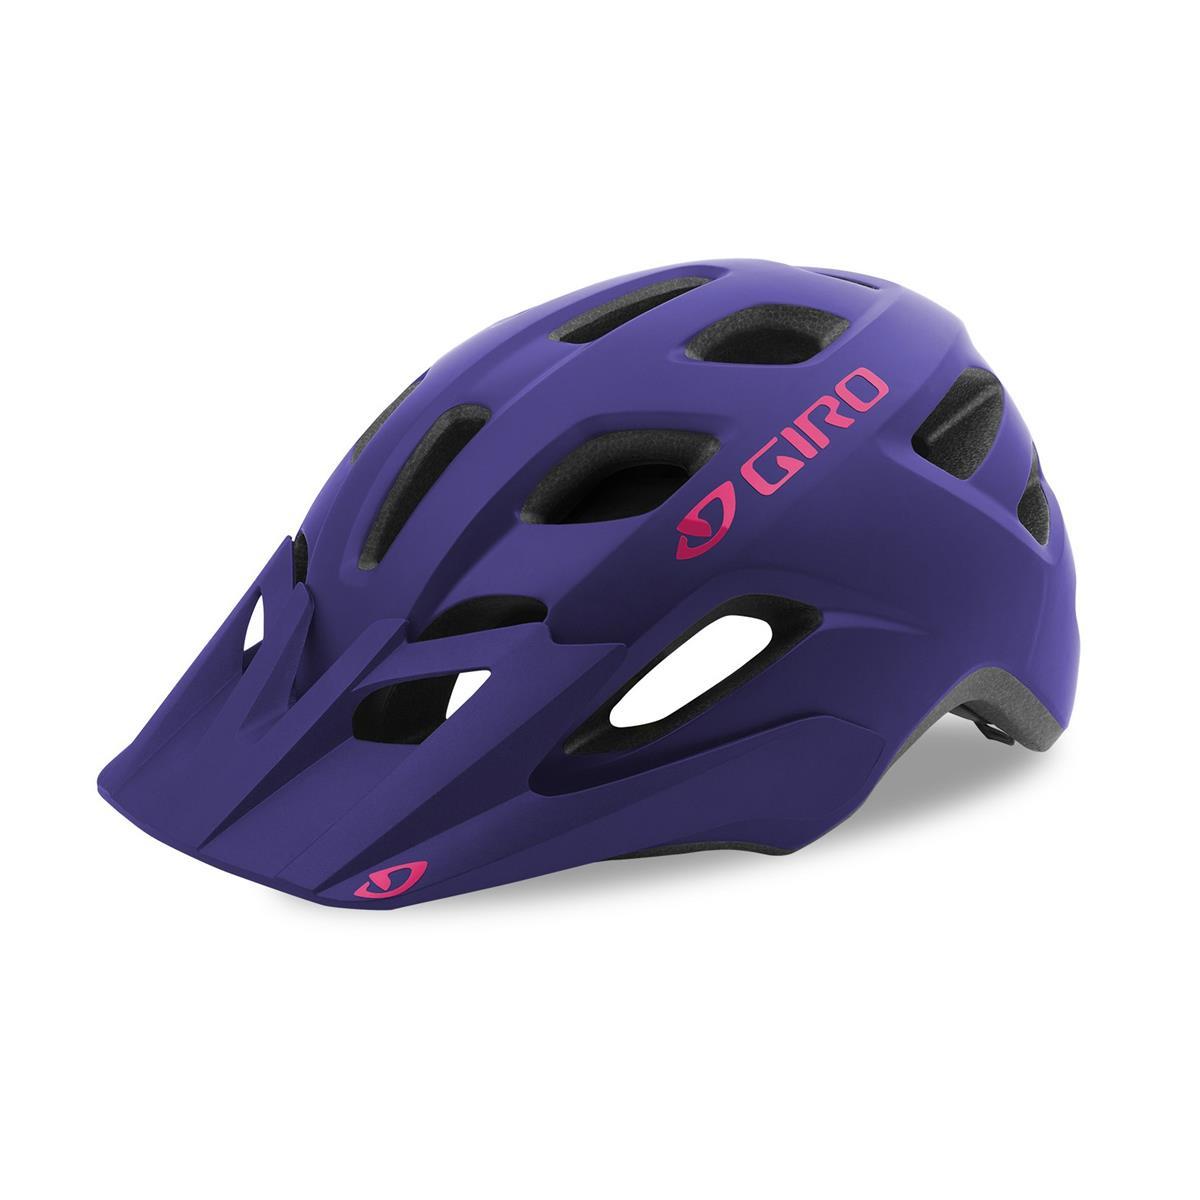 Giro Girls Enduro-MTB Helm Verce Matt Violett